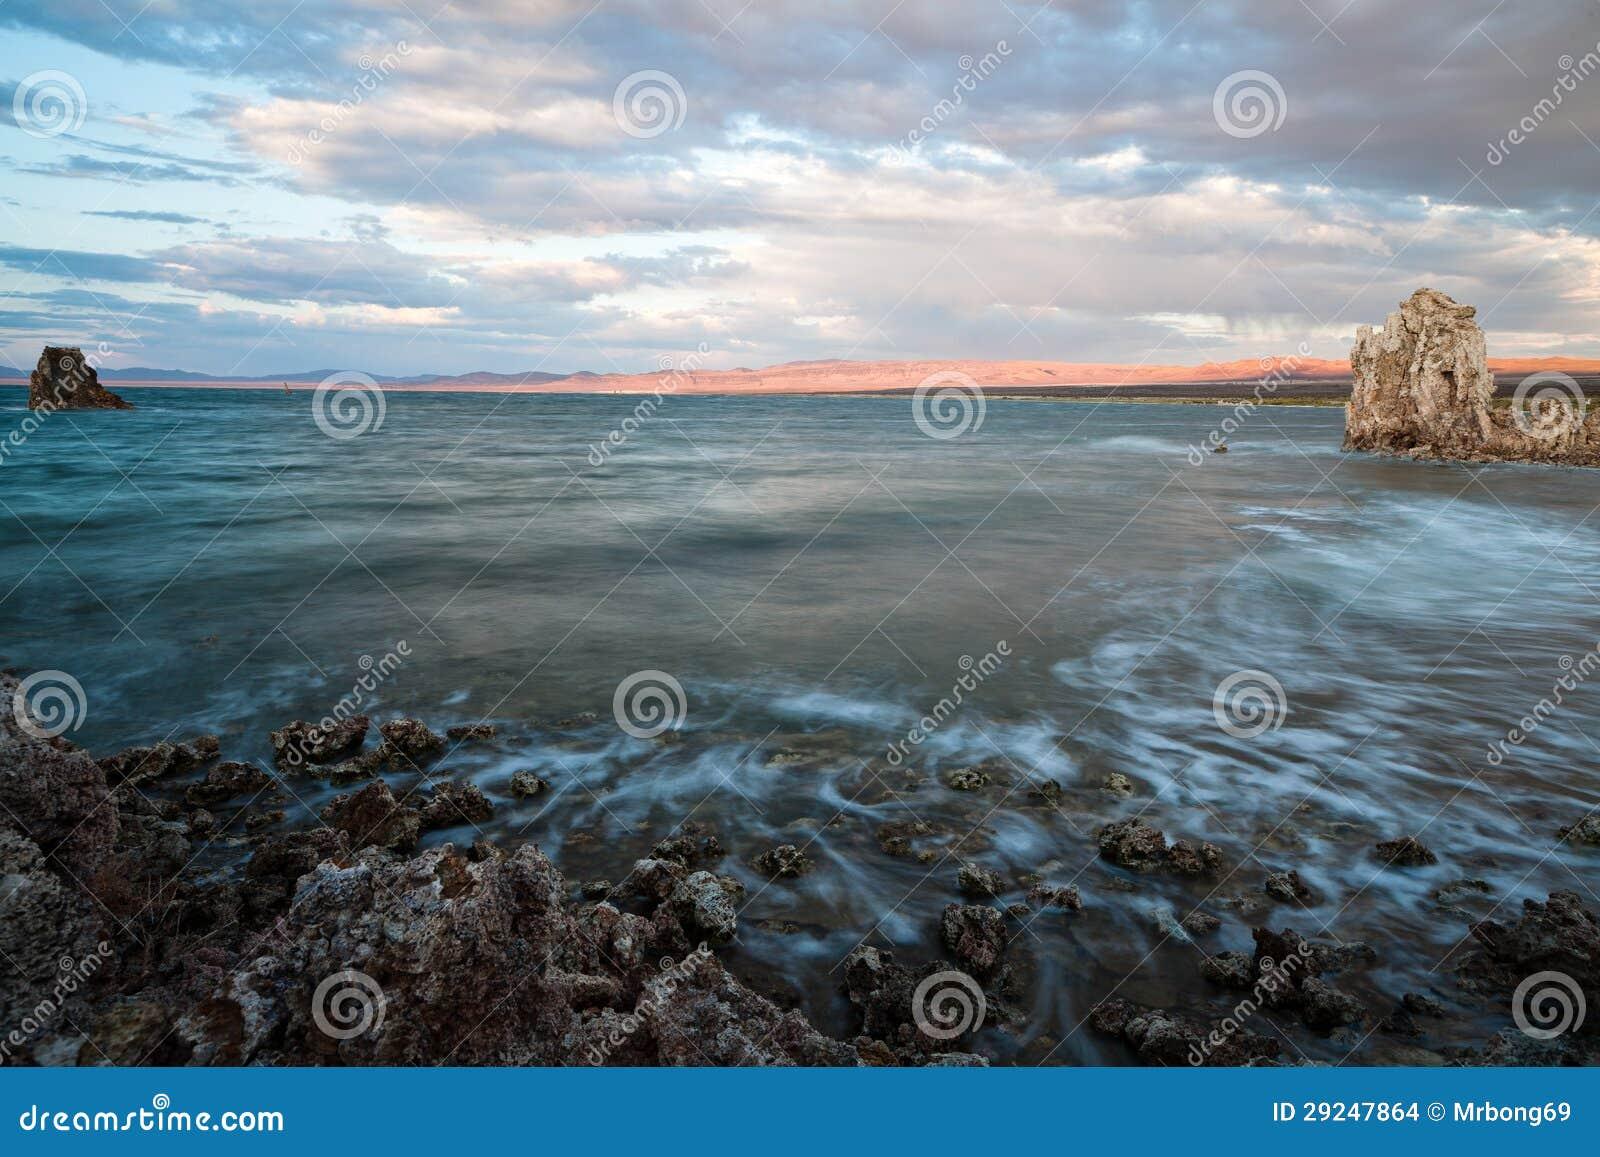 Download Mono lago foto de stock. Imagem de cores, maravilha, monte - 29247864